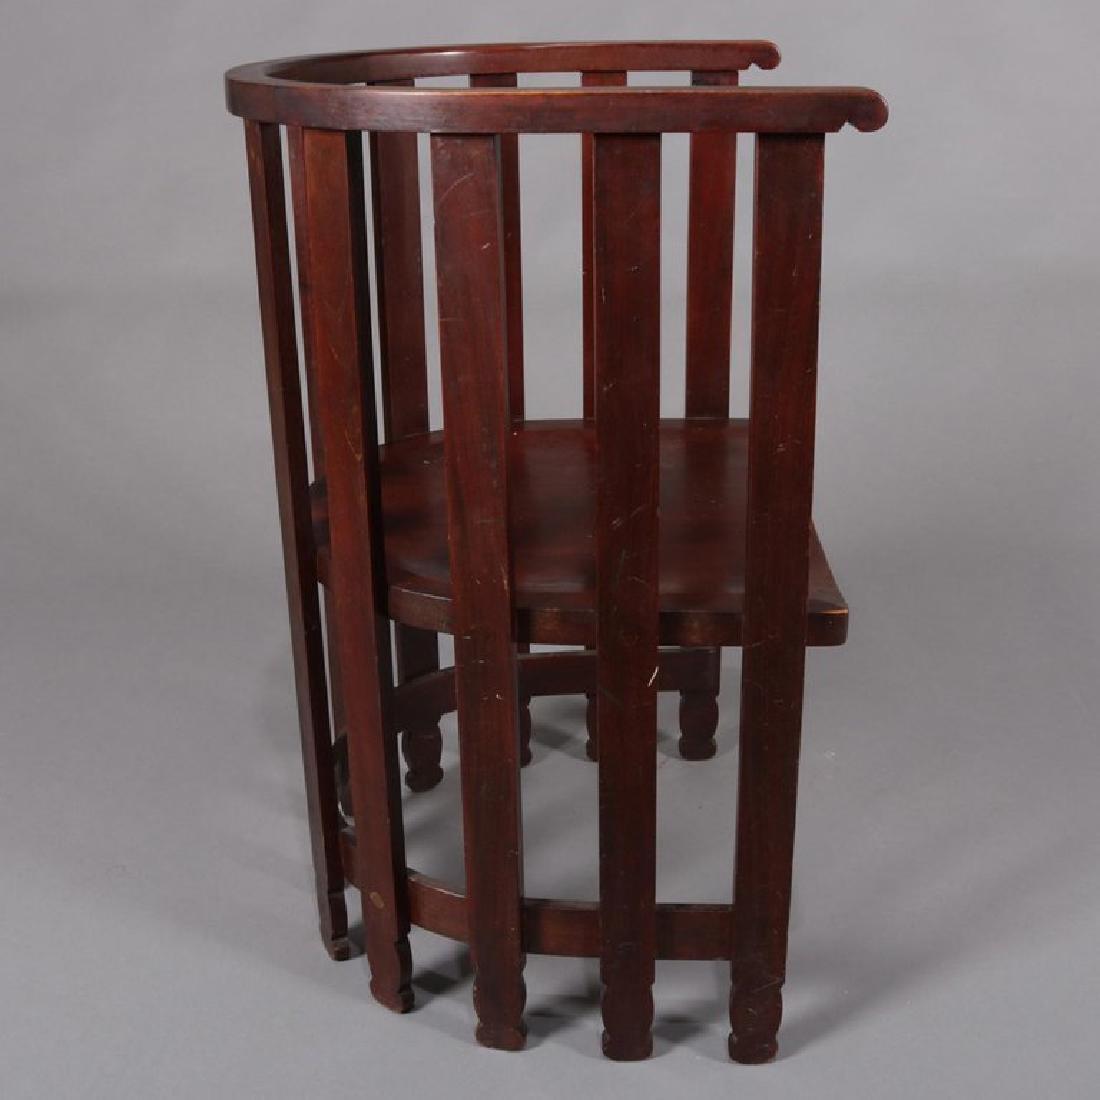 Arts & Crafts Prairie Frank Lloyd Wright School Chair - 6